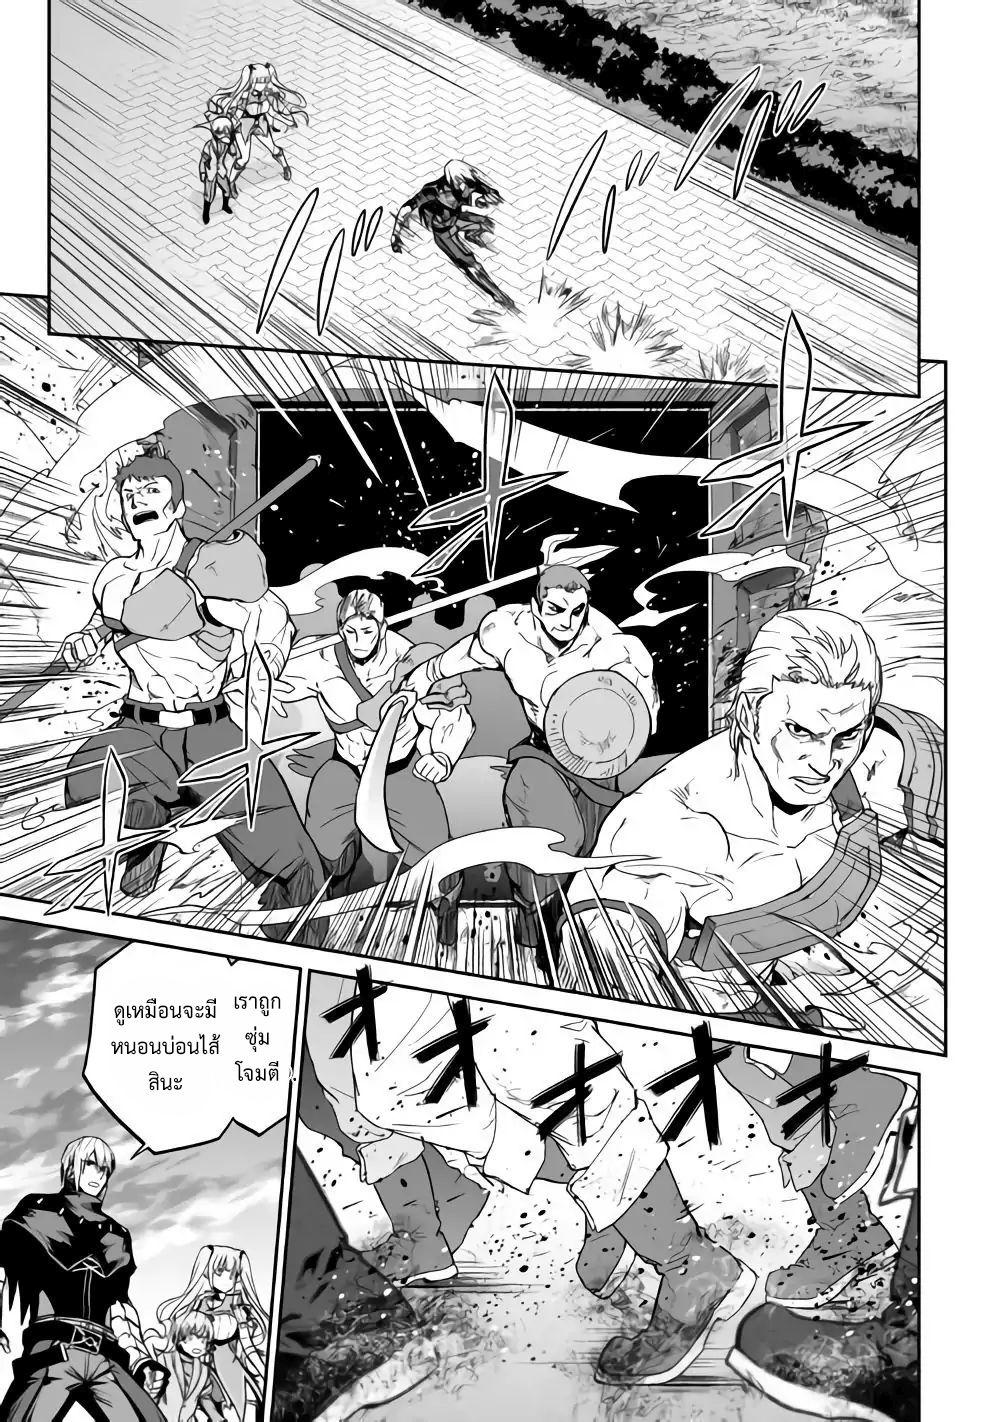 อ่านการ์ตูน Jaryuu Tensei ตอนที่ 20.2 หน้าที่ 7